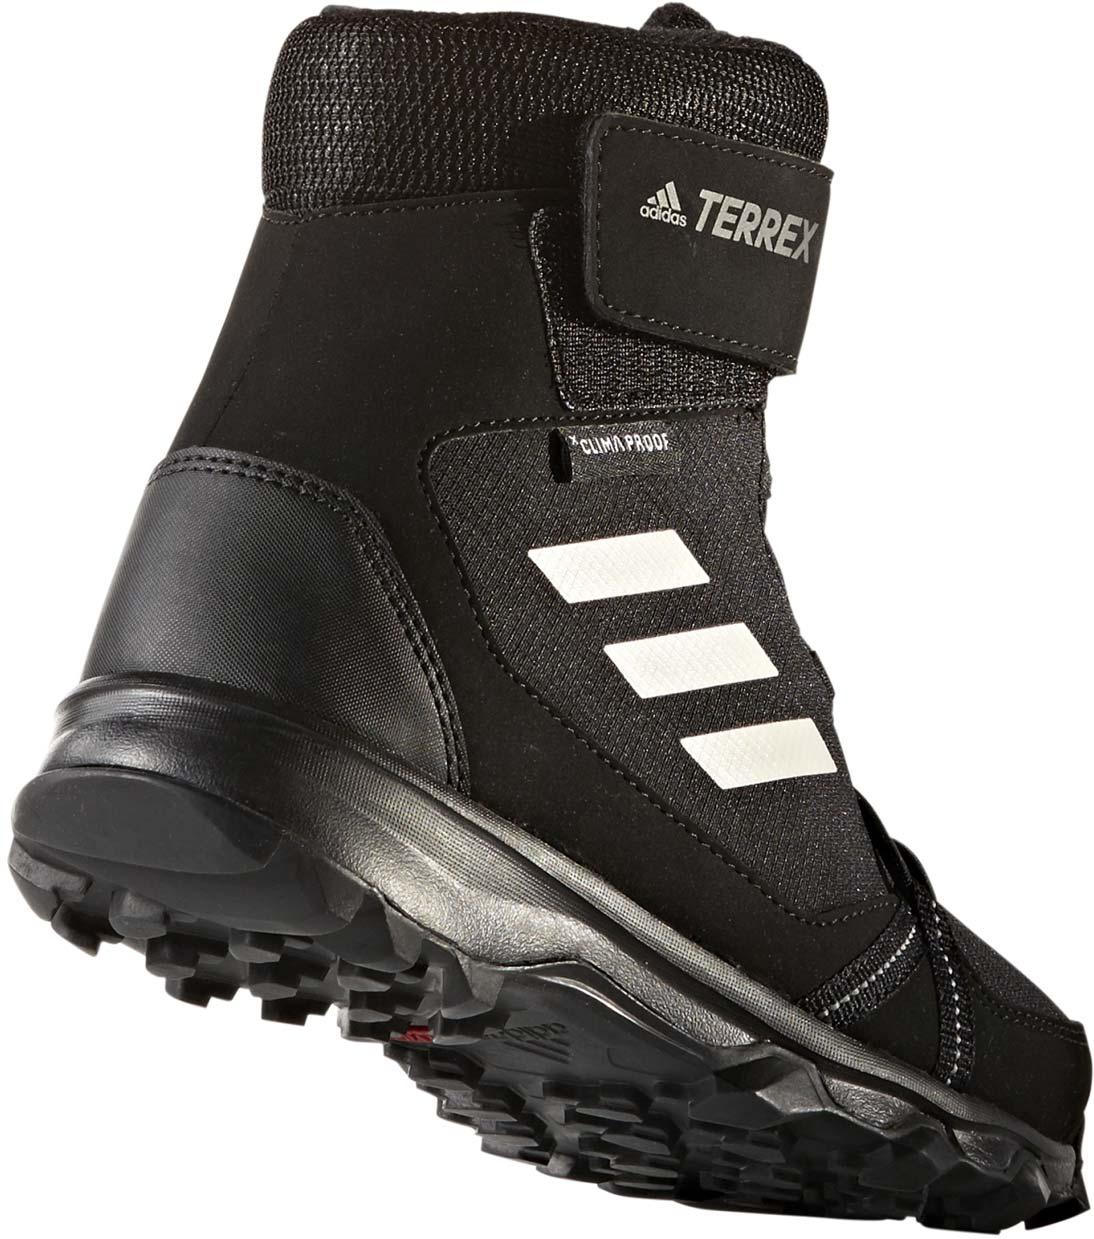 a5b6b852368ae adidas TERREX SNOW CF CP CW K. Dětská outdoorová obuv. Dětská outdoorová  obuv. Dětská outdoorová obuv. Dětská outdoorová obuv. Dětská outdoorová obuv